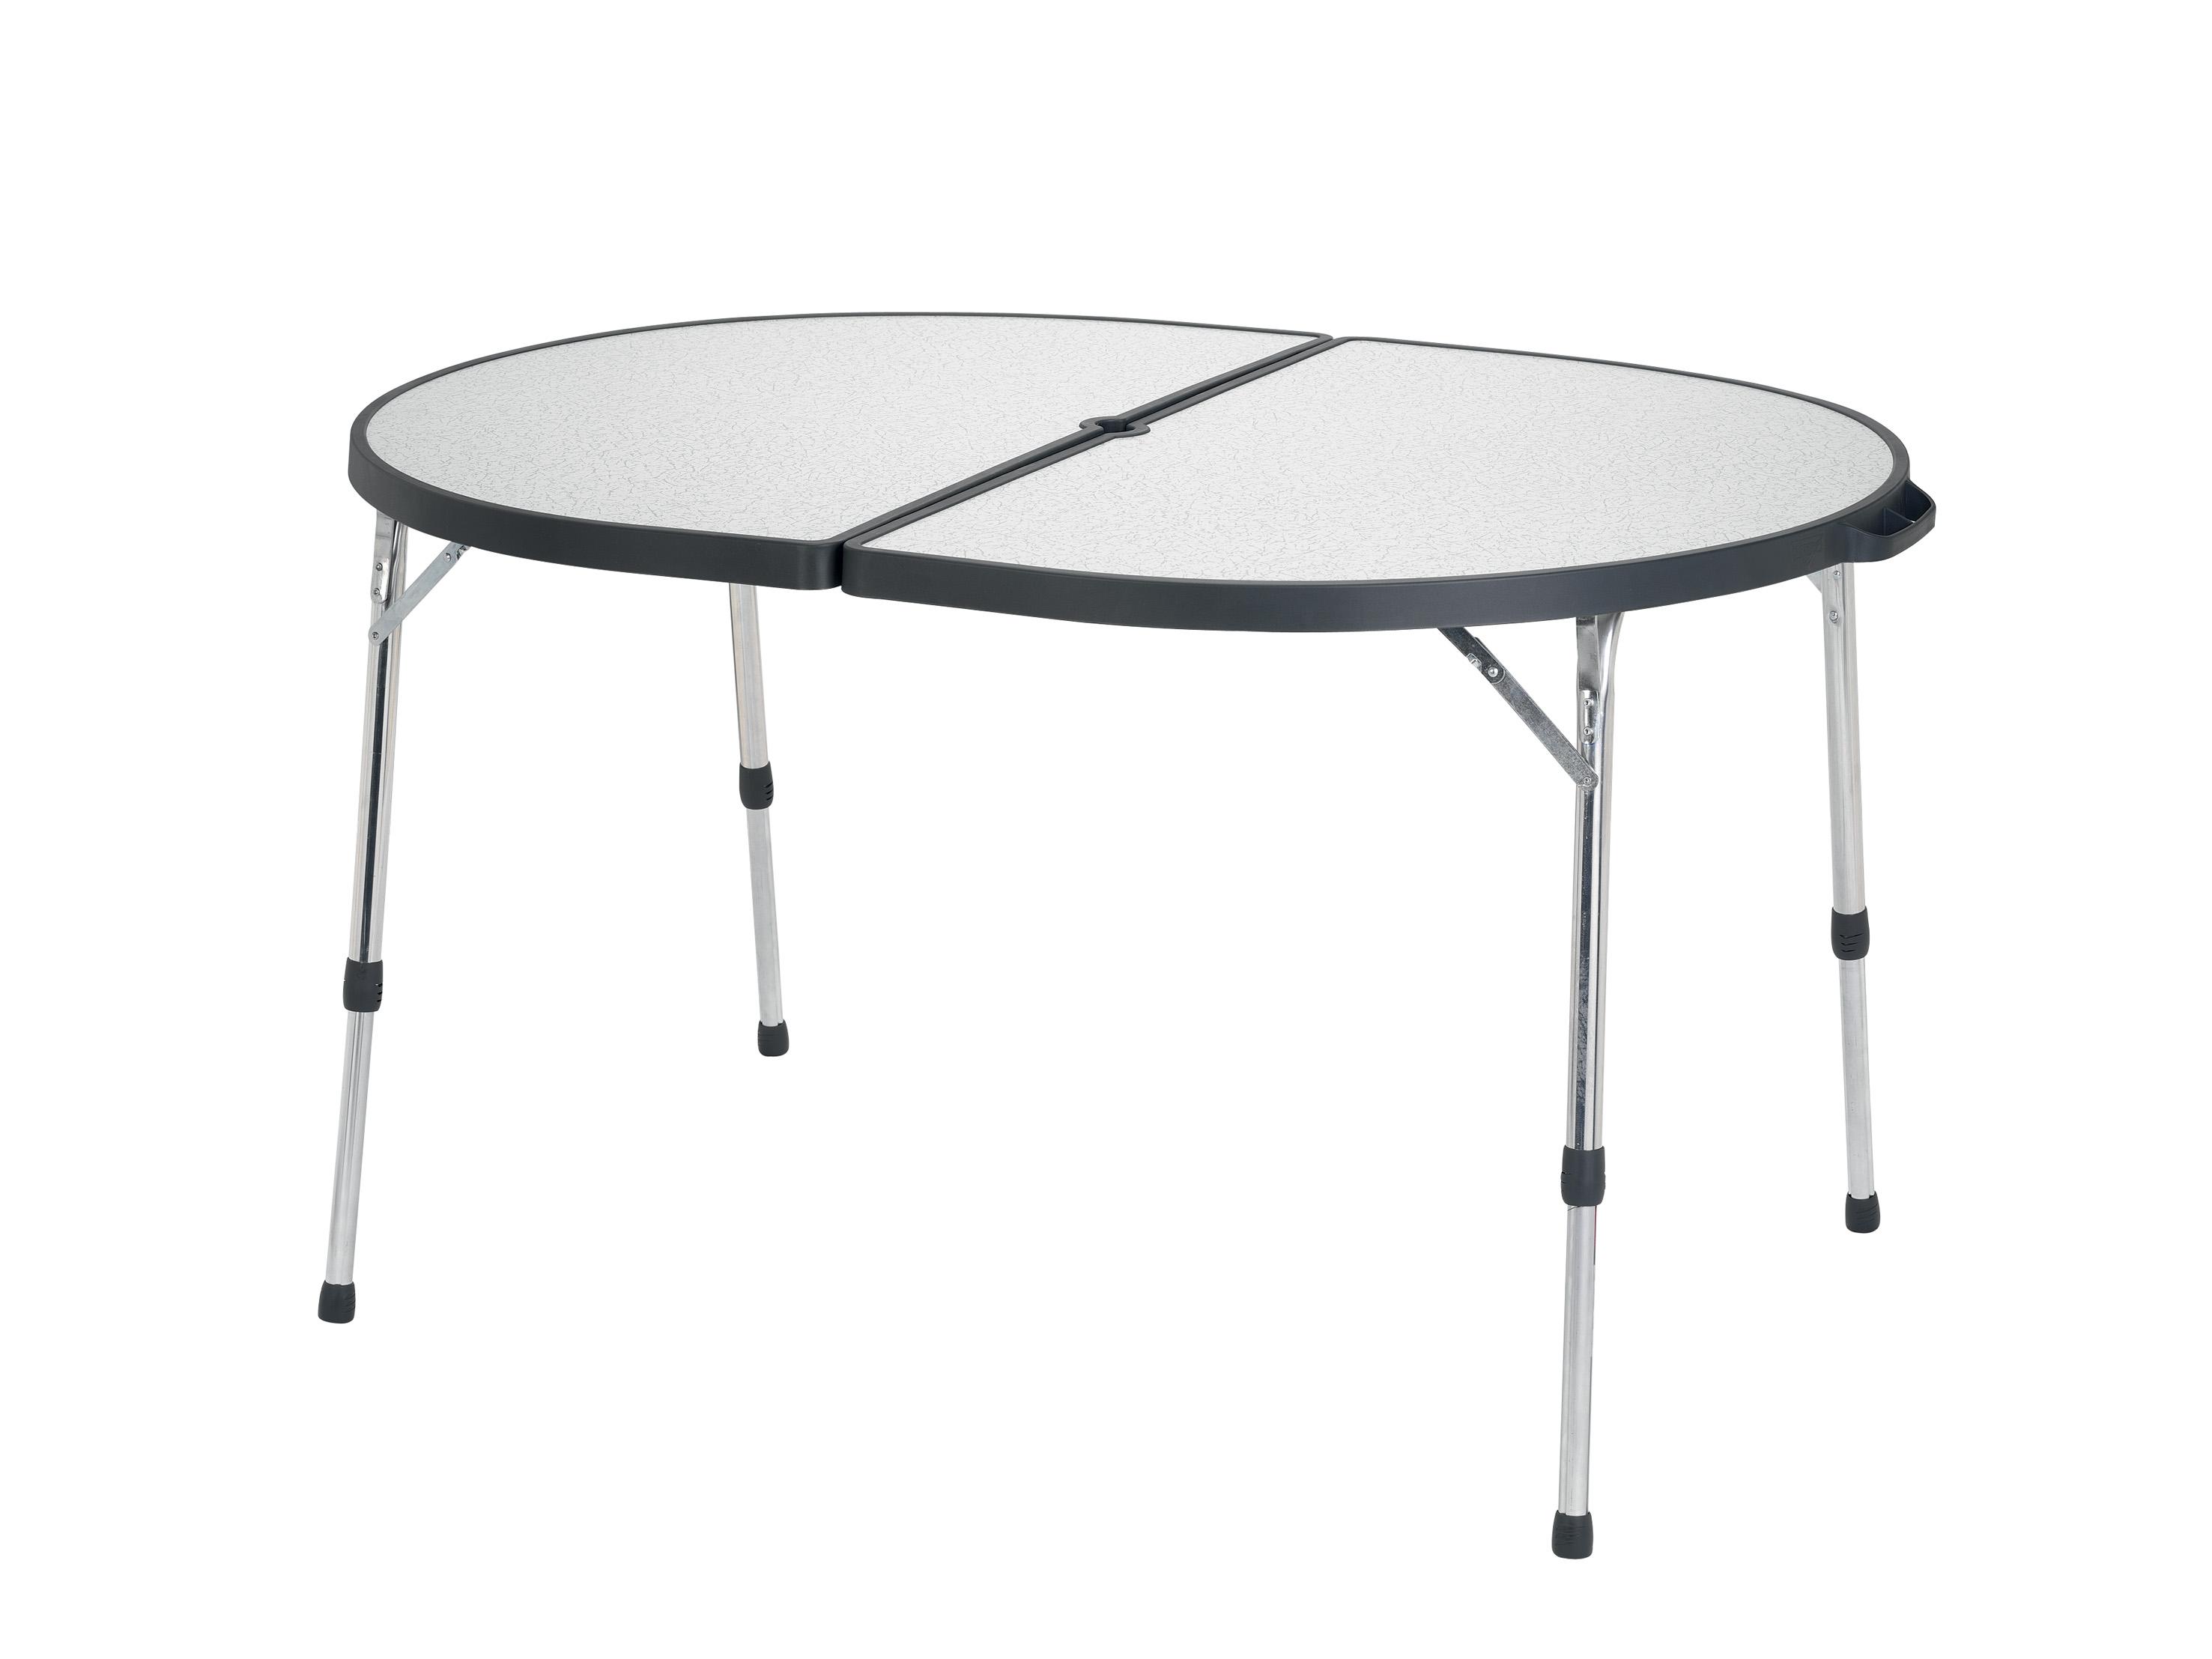 La mesa crespo al 352 ha sido declarada la mejor mesa de for Mesa de camping plegable de aluminio